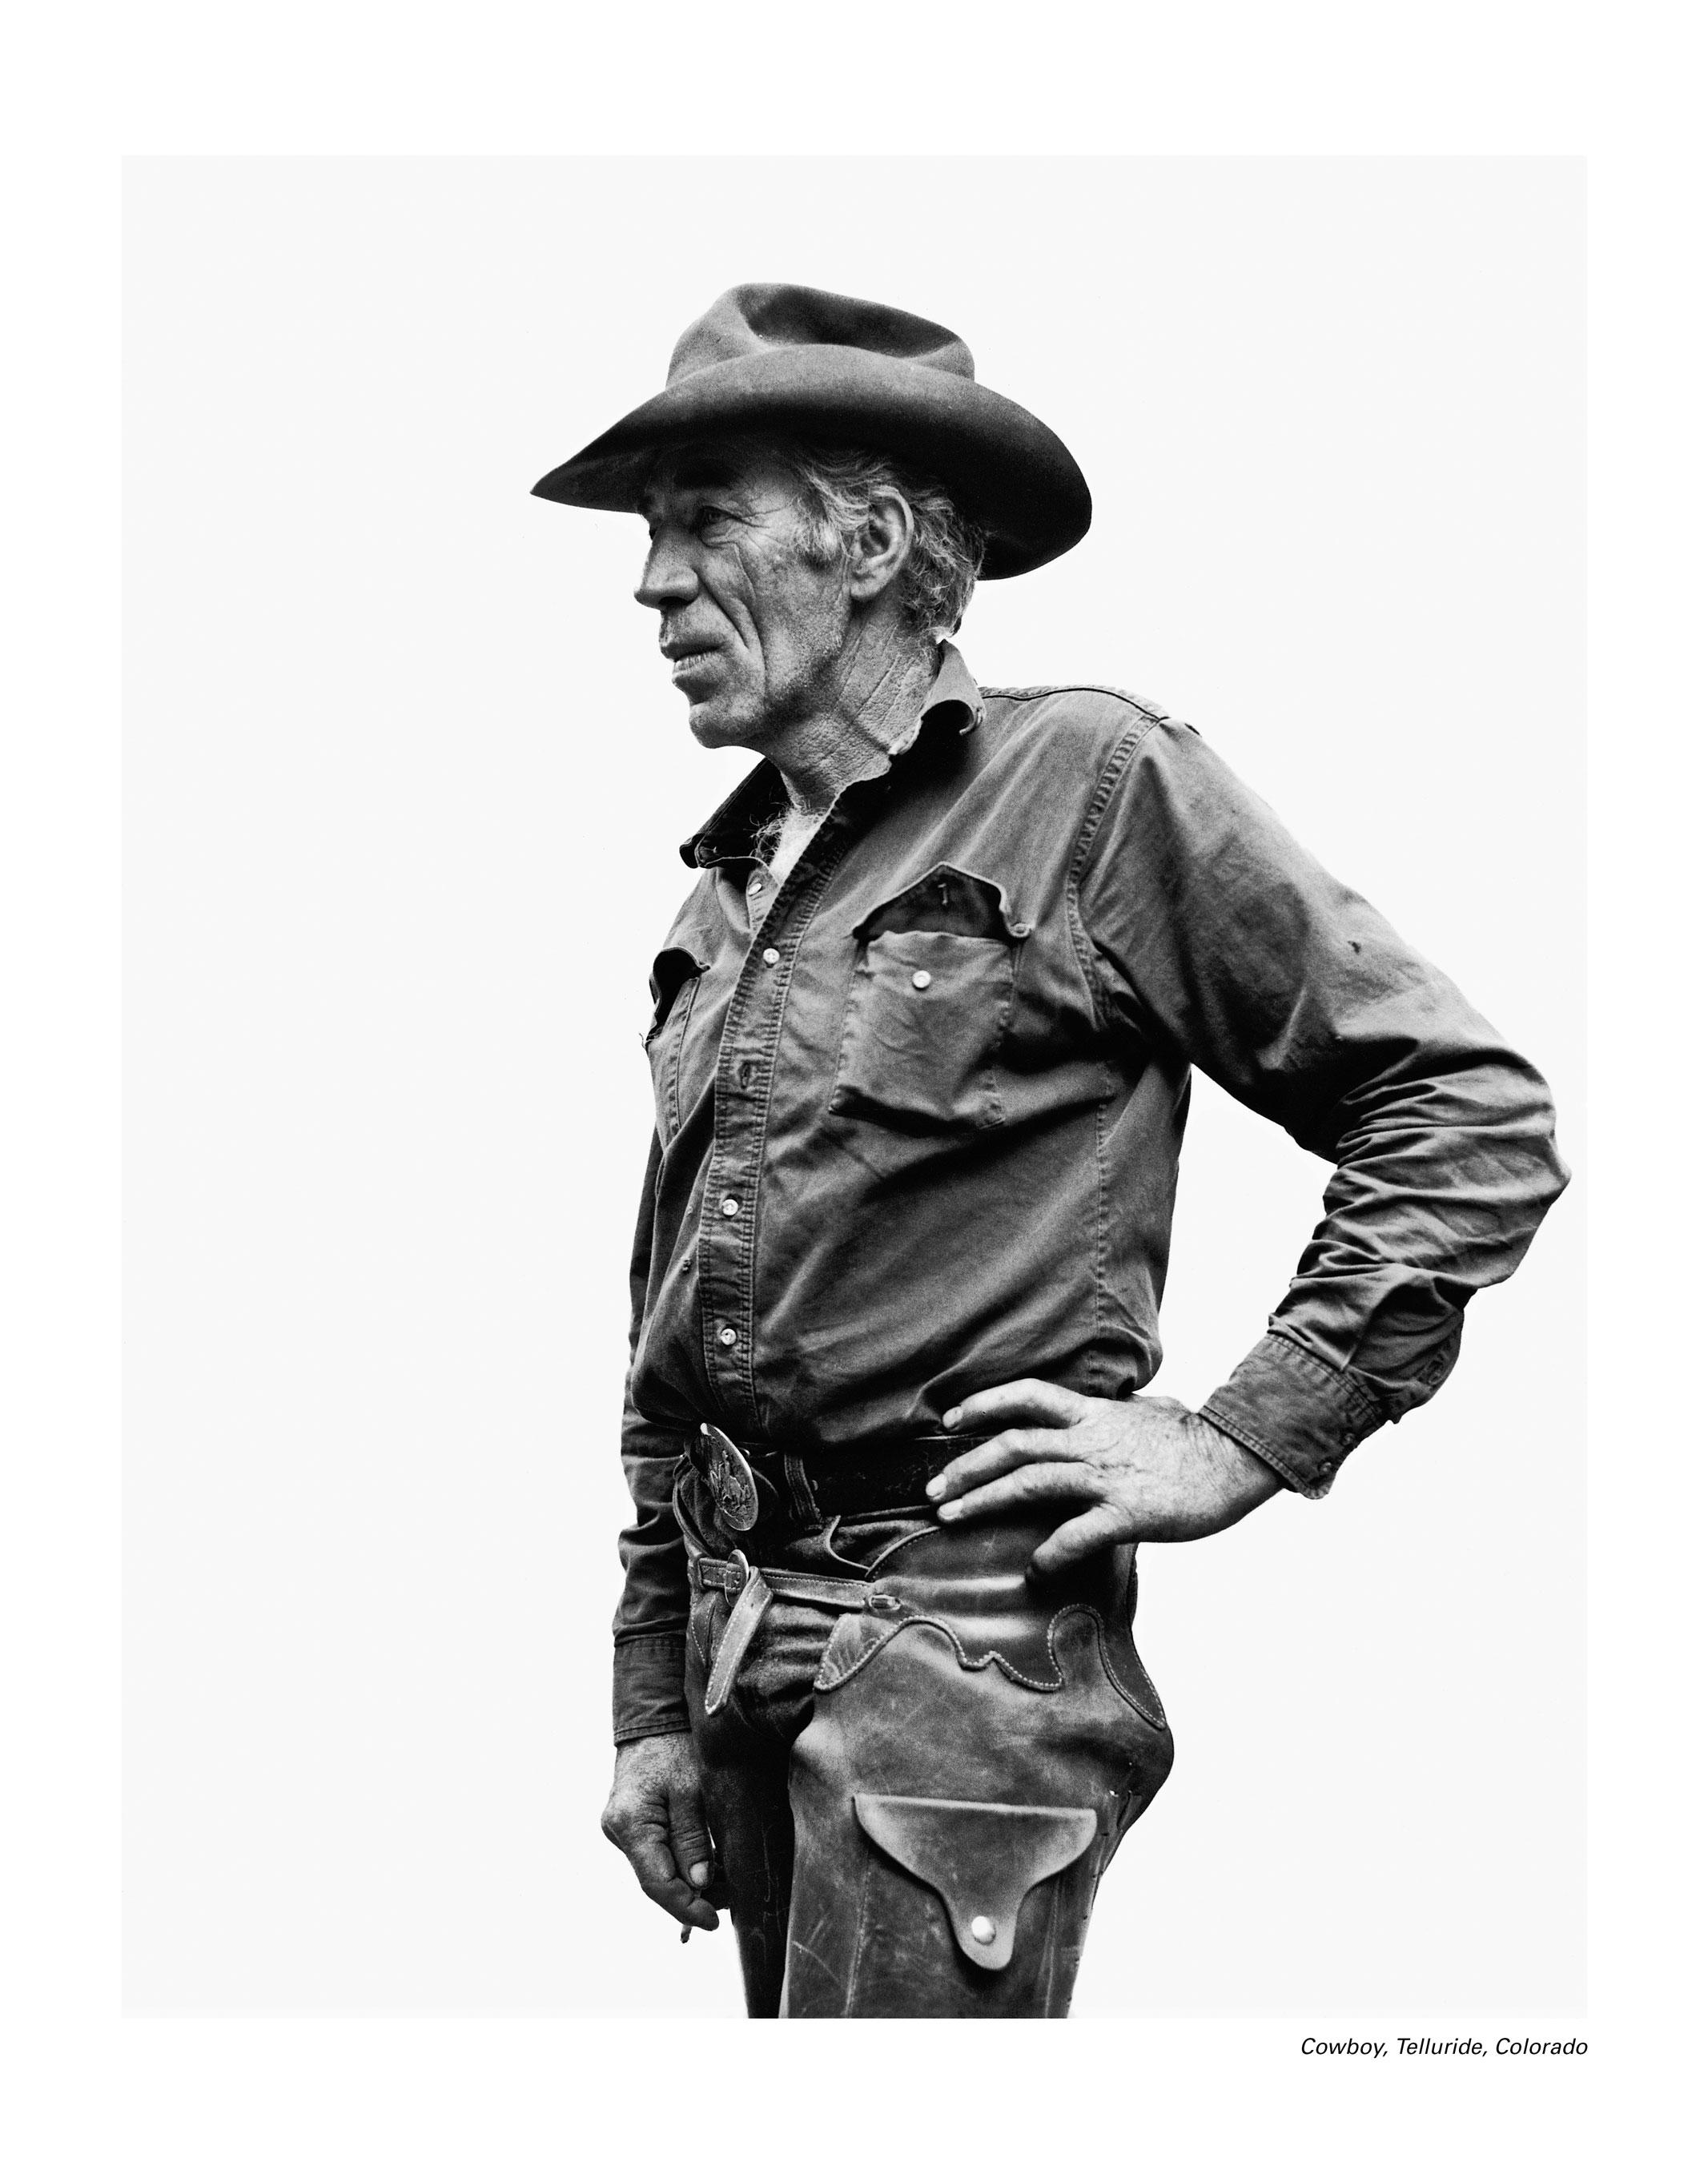 Cowboy_Telluride_Colorado.jpg